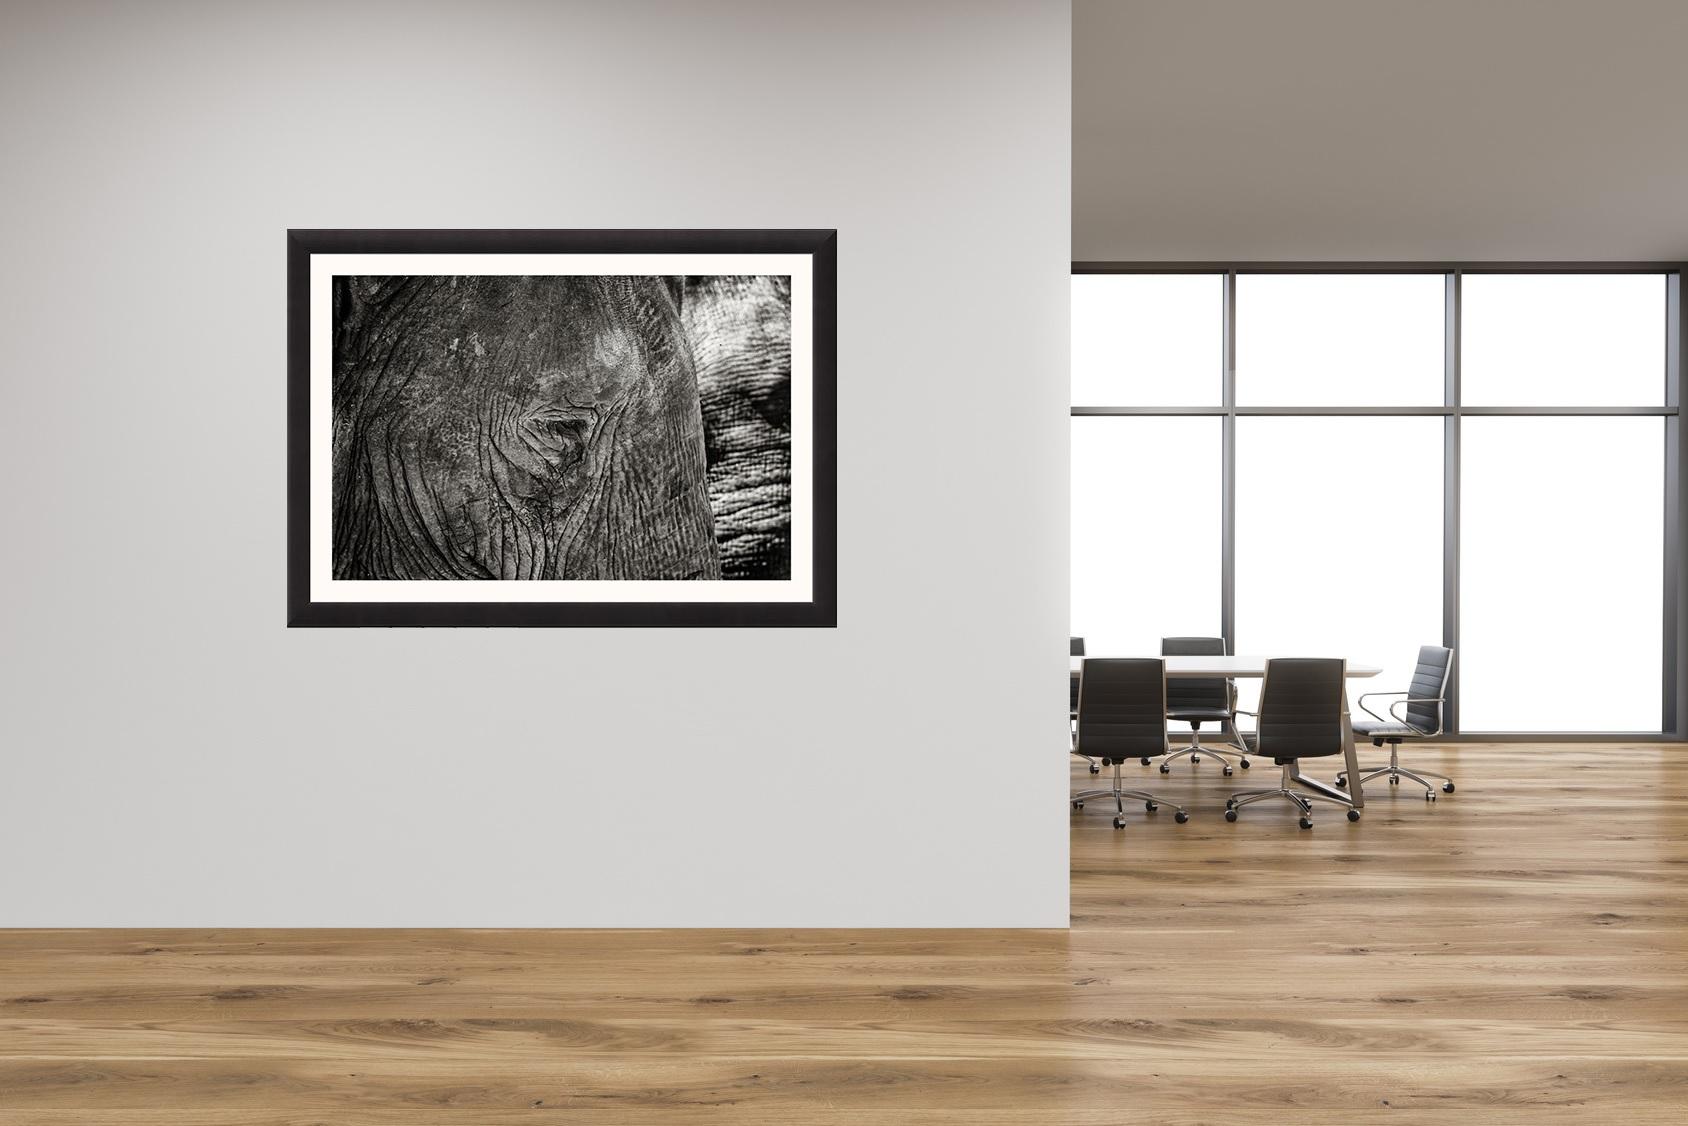 Aufhängebeispiel mit Rahmen / Hanging example with frame